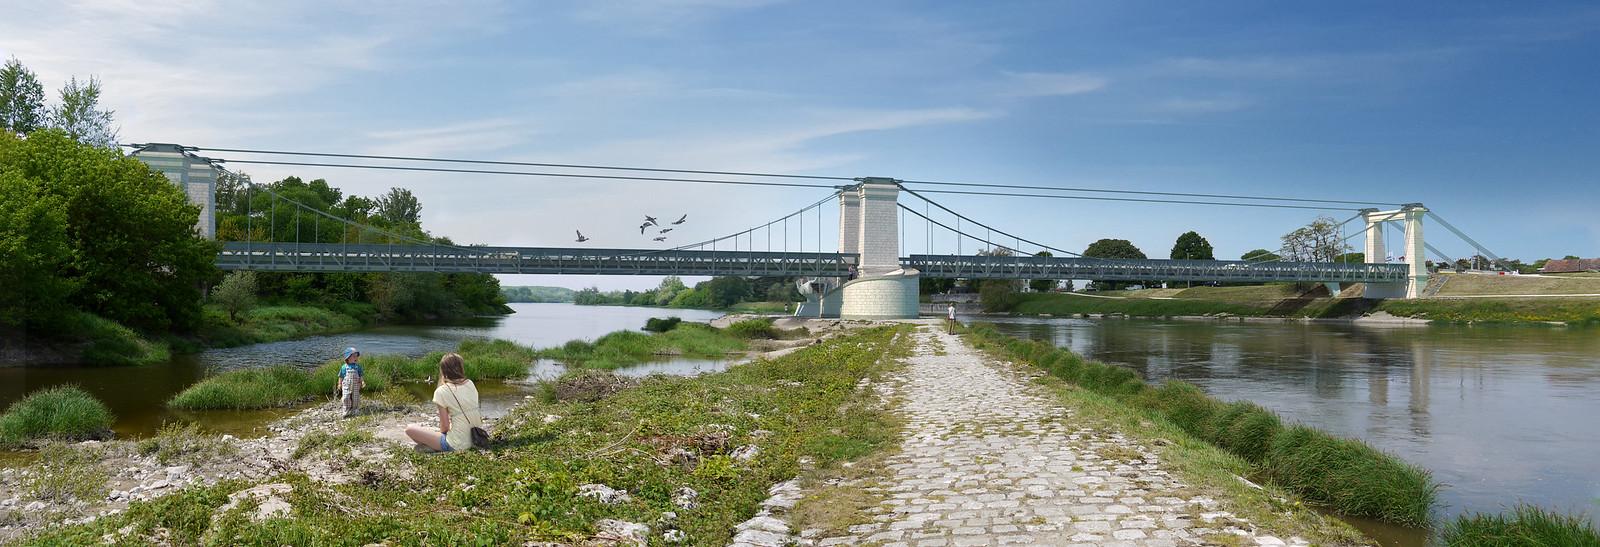 Pont de Châtillon – digue, Châtillon